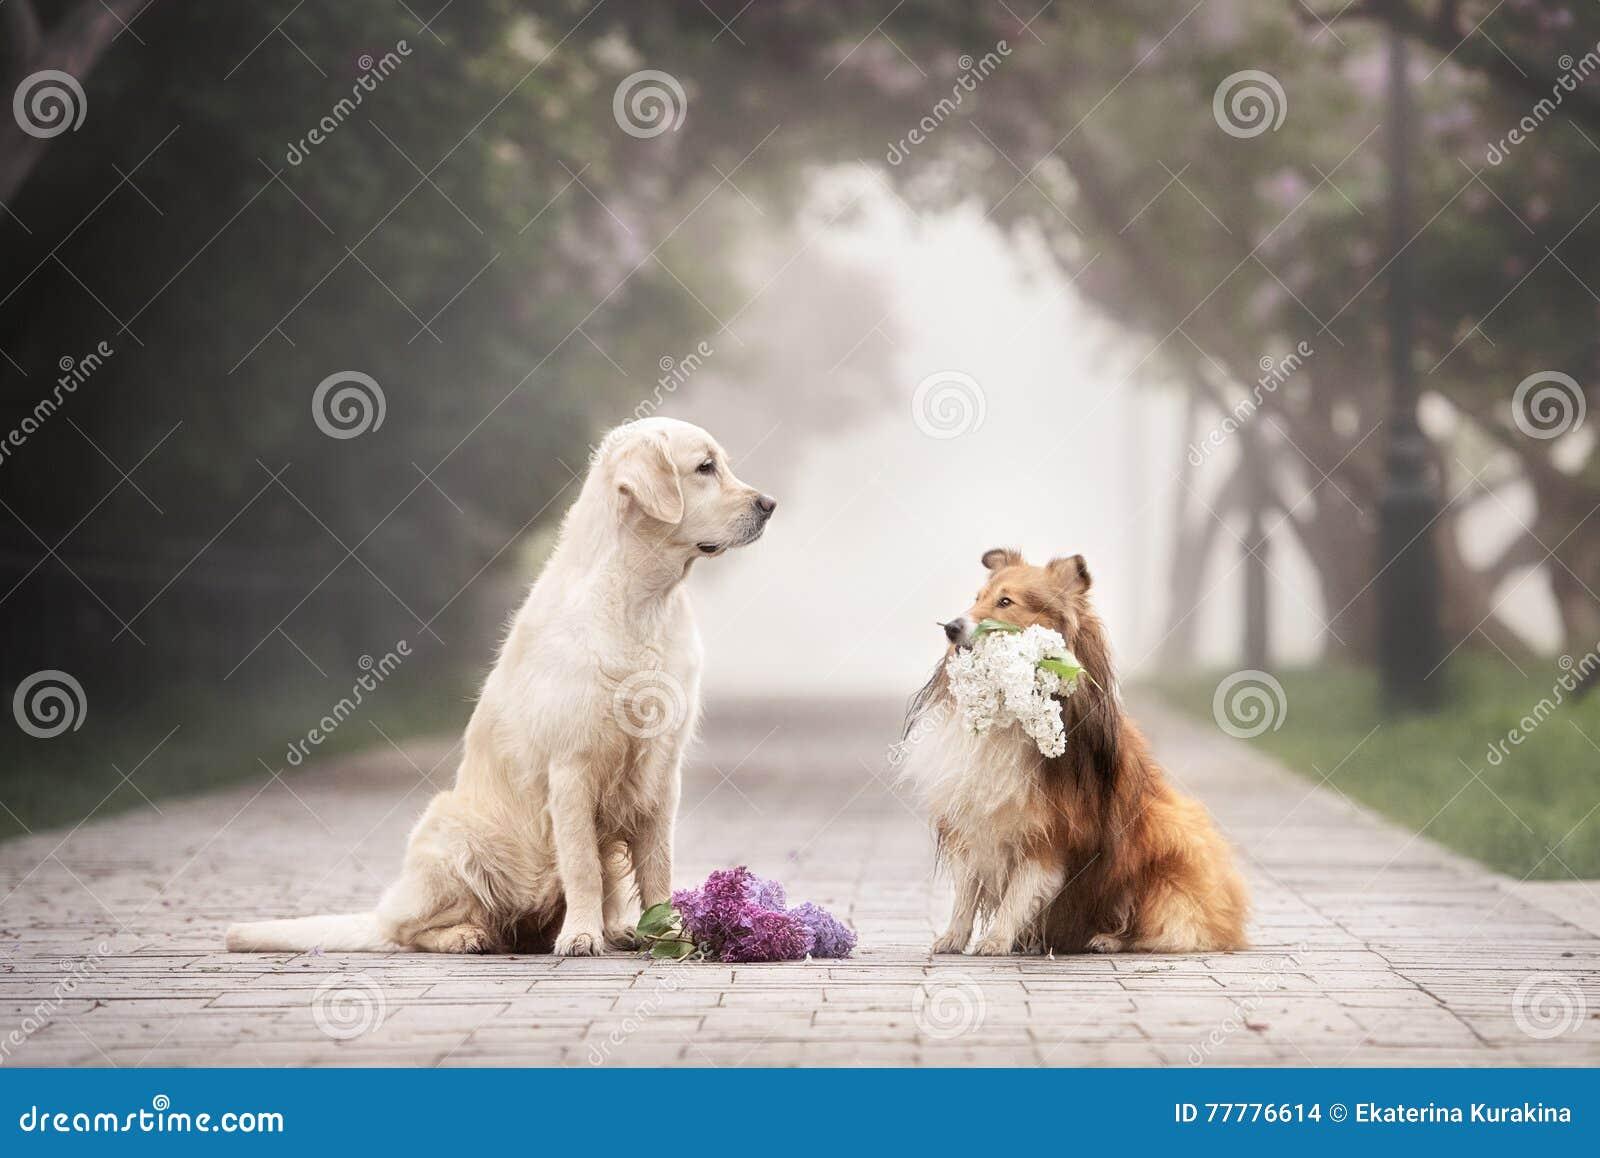 两条狗爱情小说